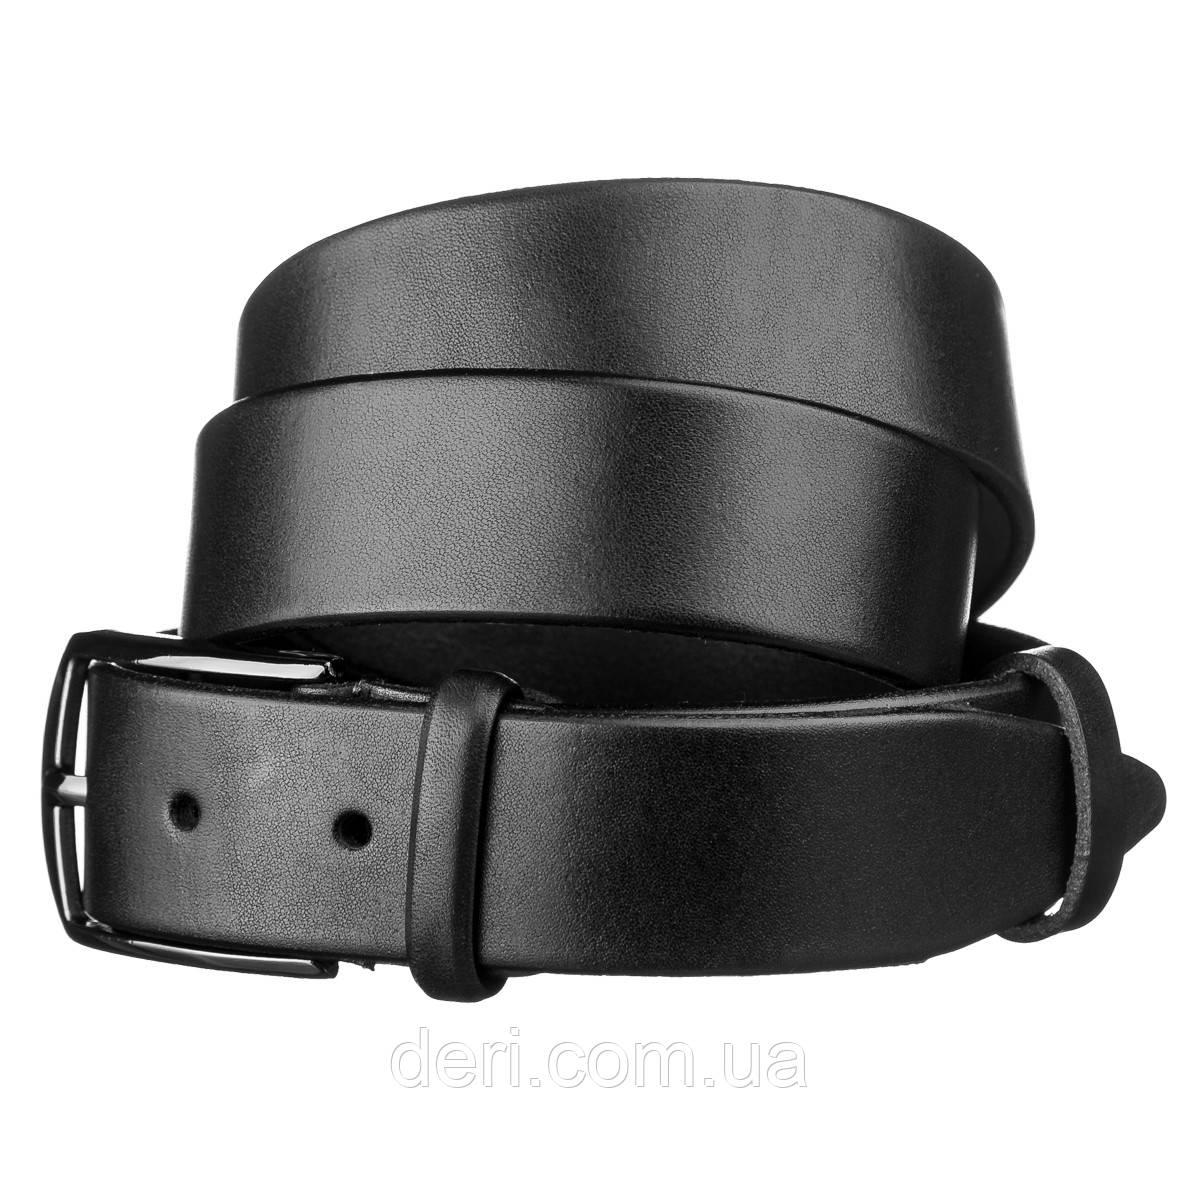 Ремень мужской SHVIGEL15268 кожаный Черный, Черный